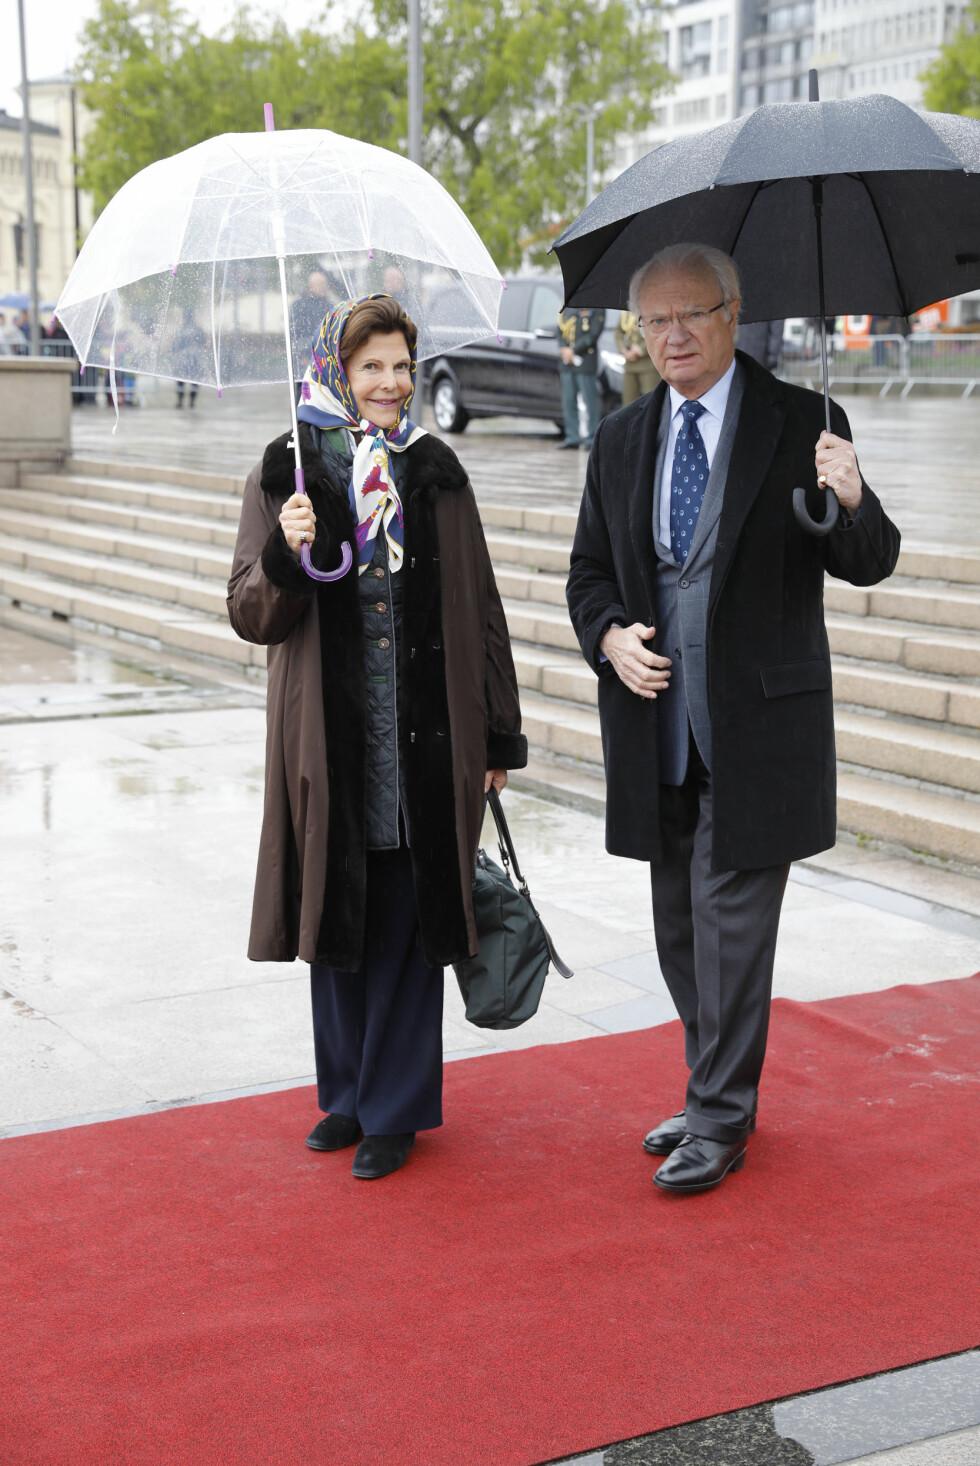 BURSDAGSFEST: Kong Carl Gustaf og dronning Silvia av Sverige ved avreise fra honnørbrygga i Oslo på tur til lunsj på Kongeskipet Norge onsdag. Foto: Gorm Kallestad / NTB scanpix